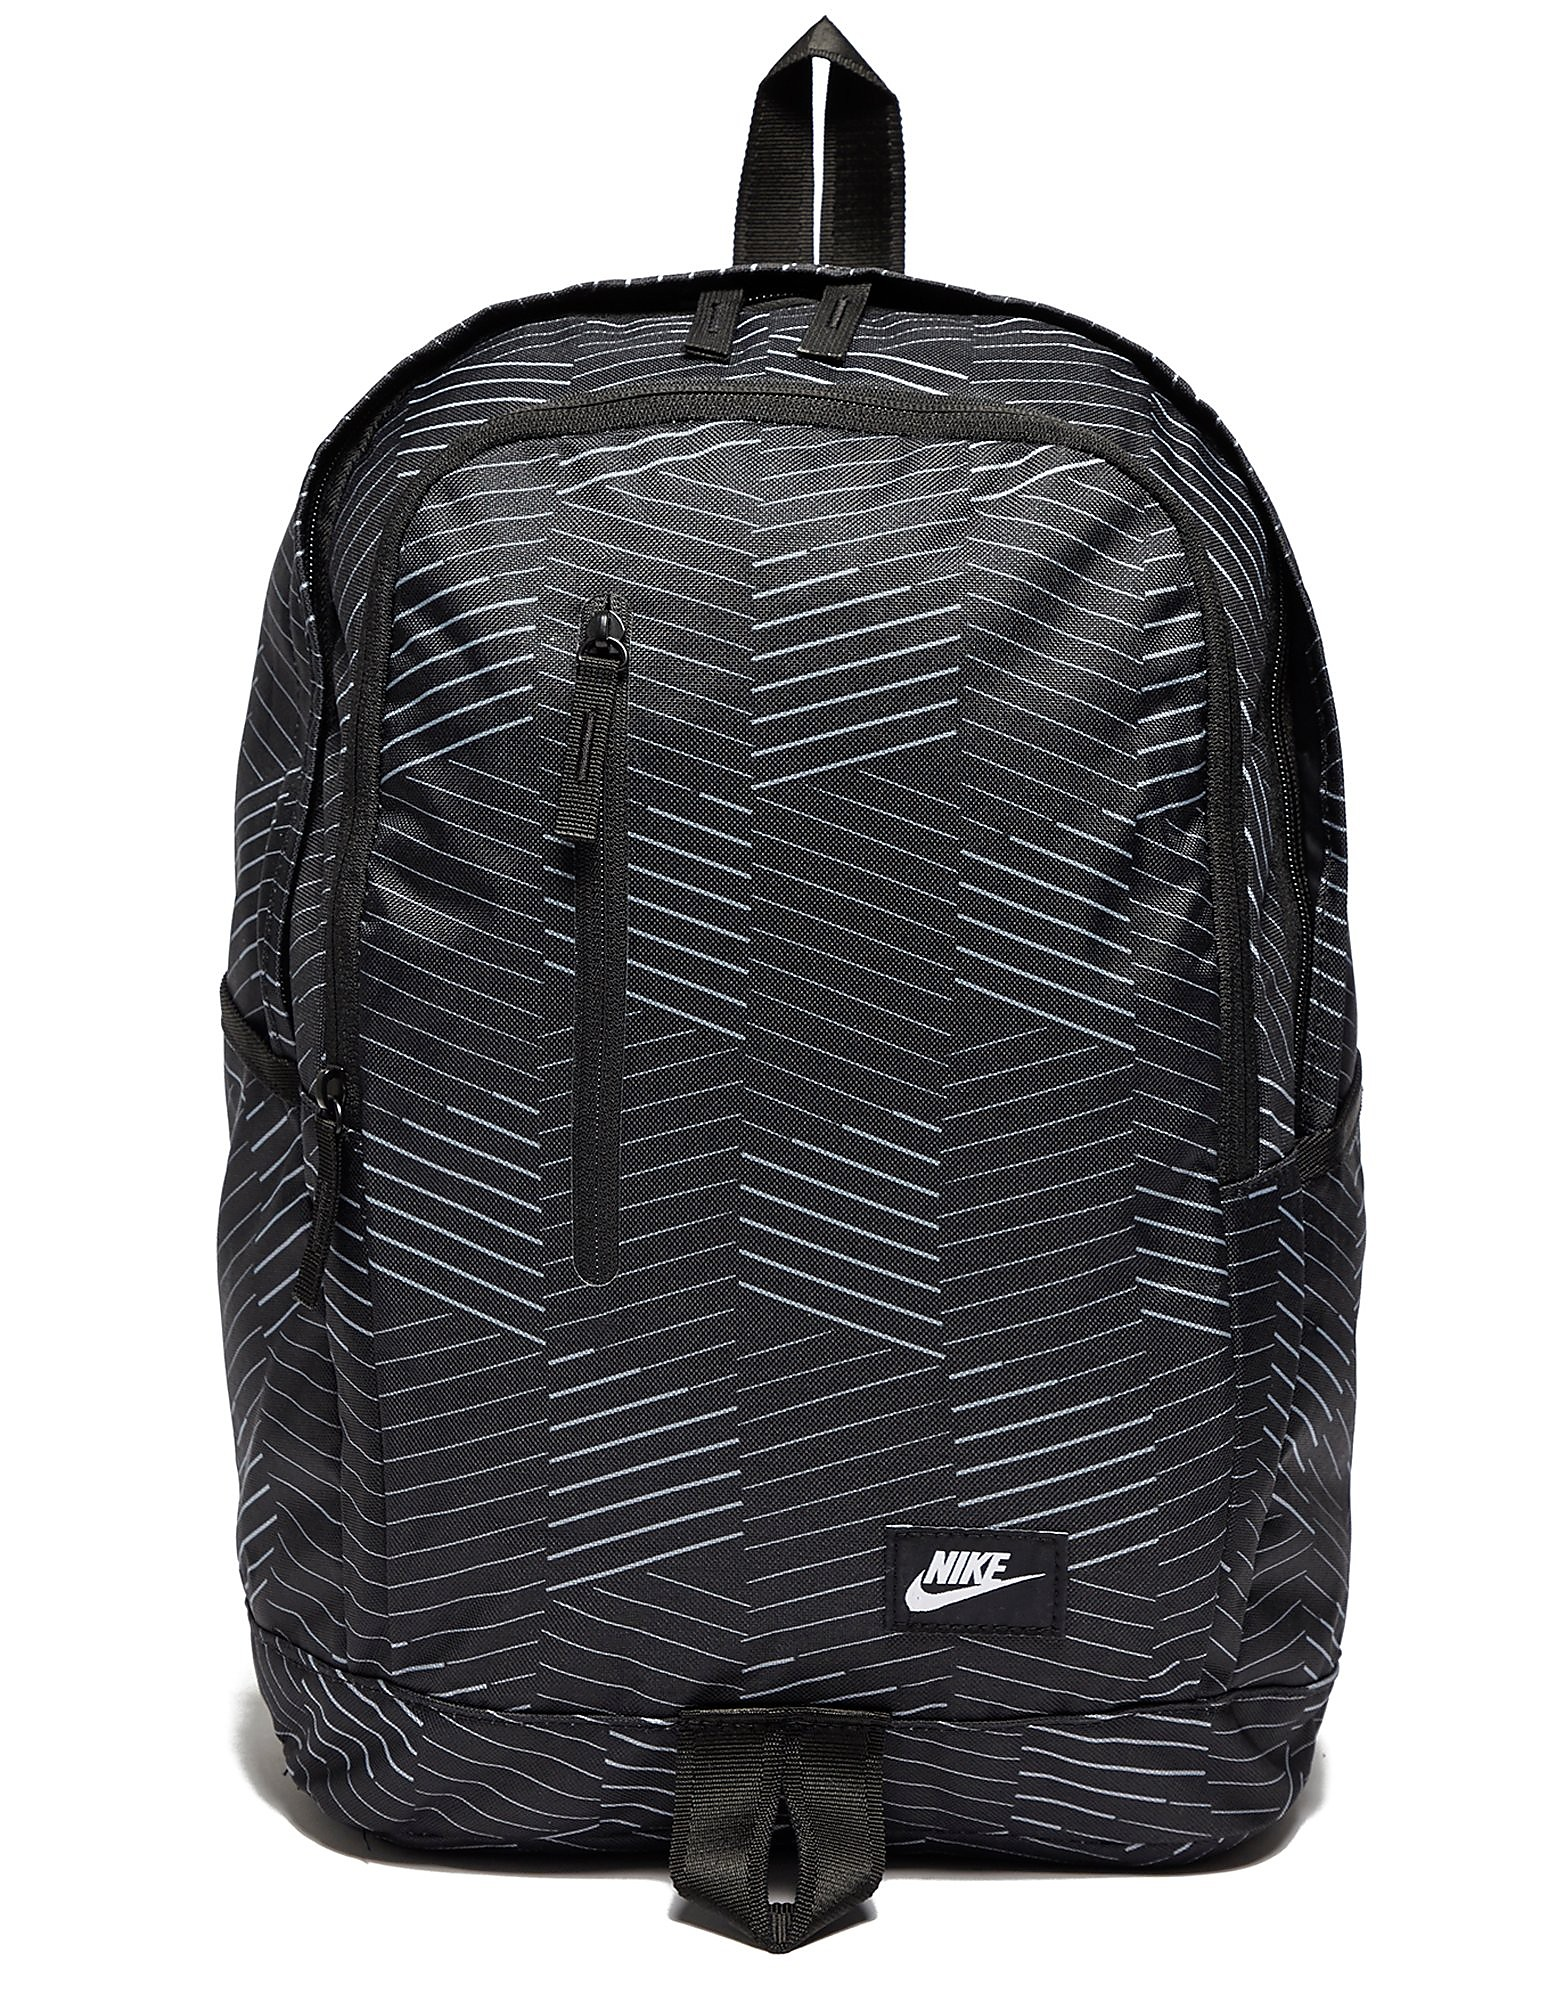 Nike Soleday Print Backpack